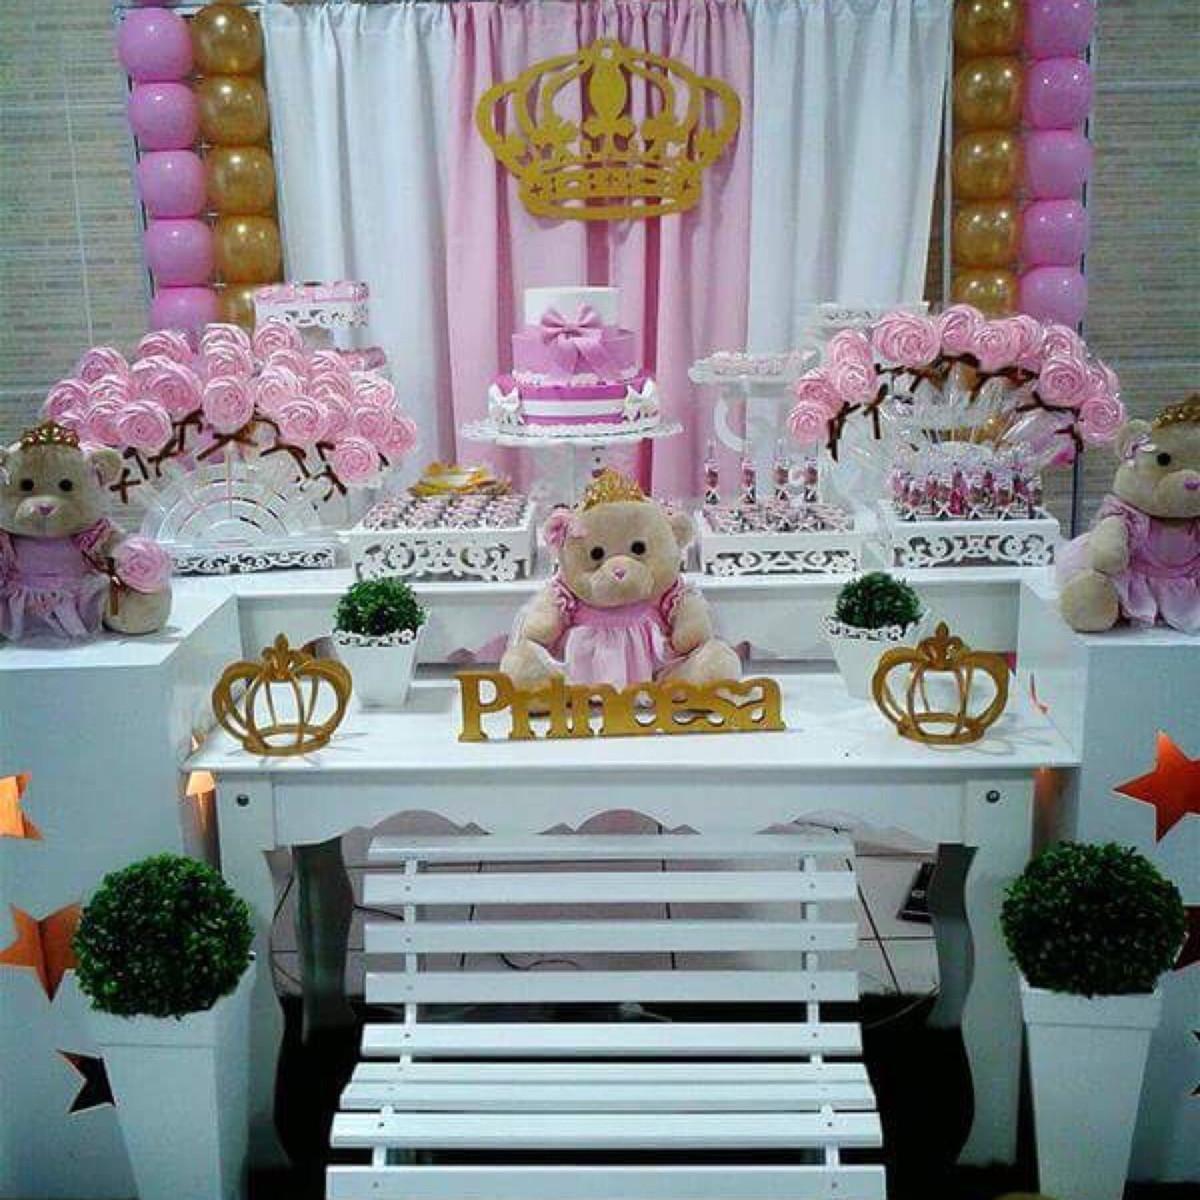 Decoraç u00e3o Ursa Princesa Realeza no Elo7 Bustcowitch Decor&Festa (9039C3) -> Decoração De Aniversario Princesa Realeza